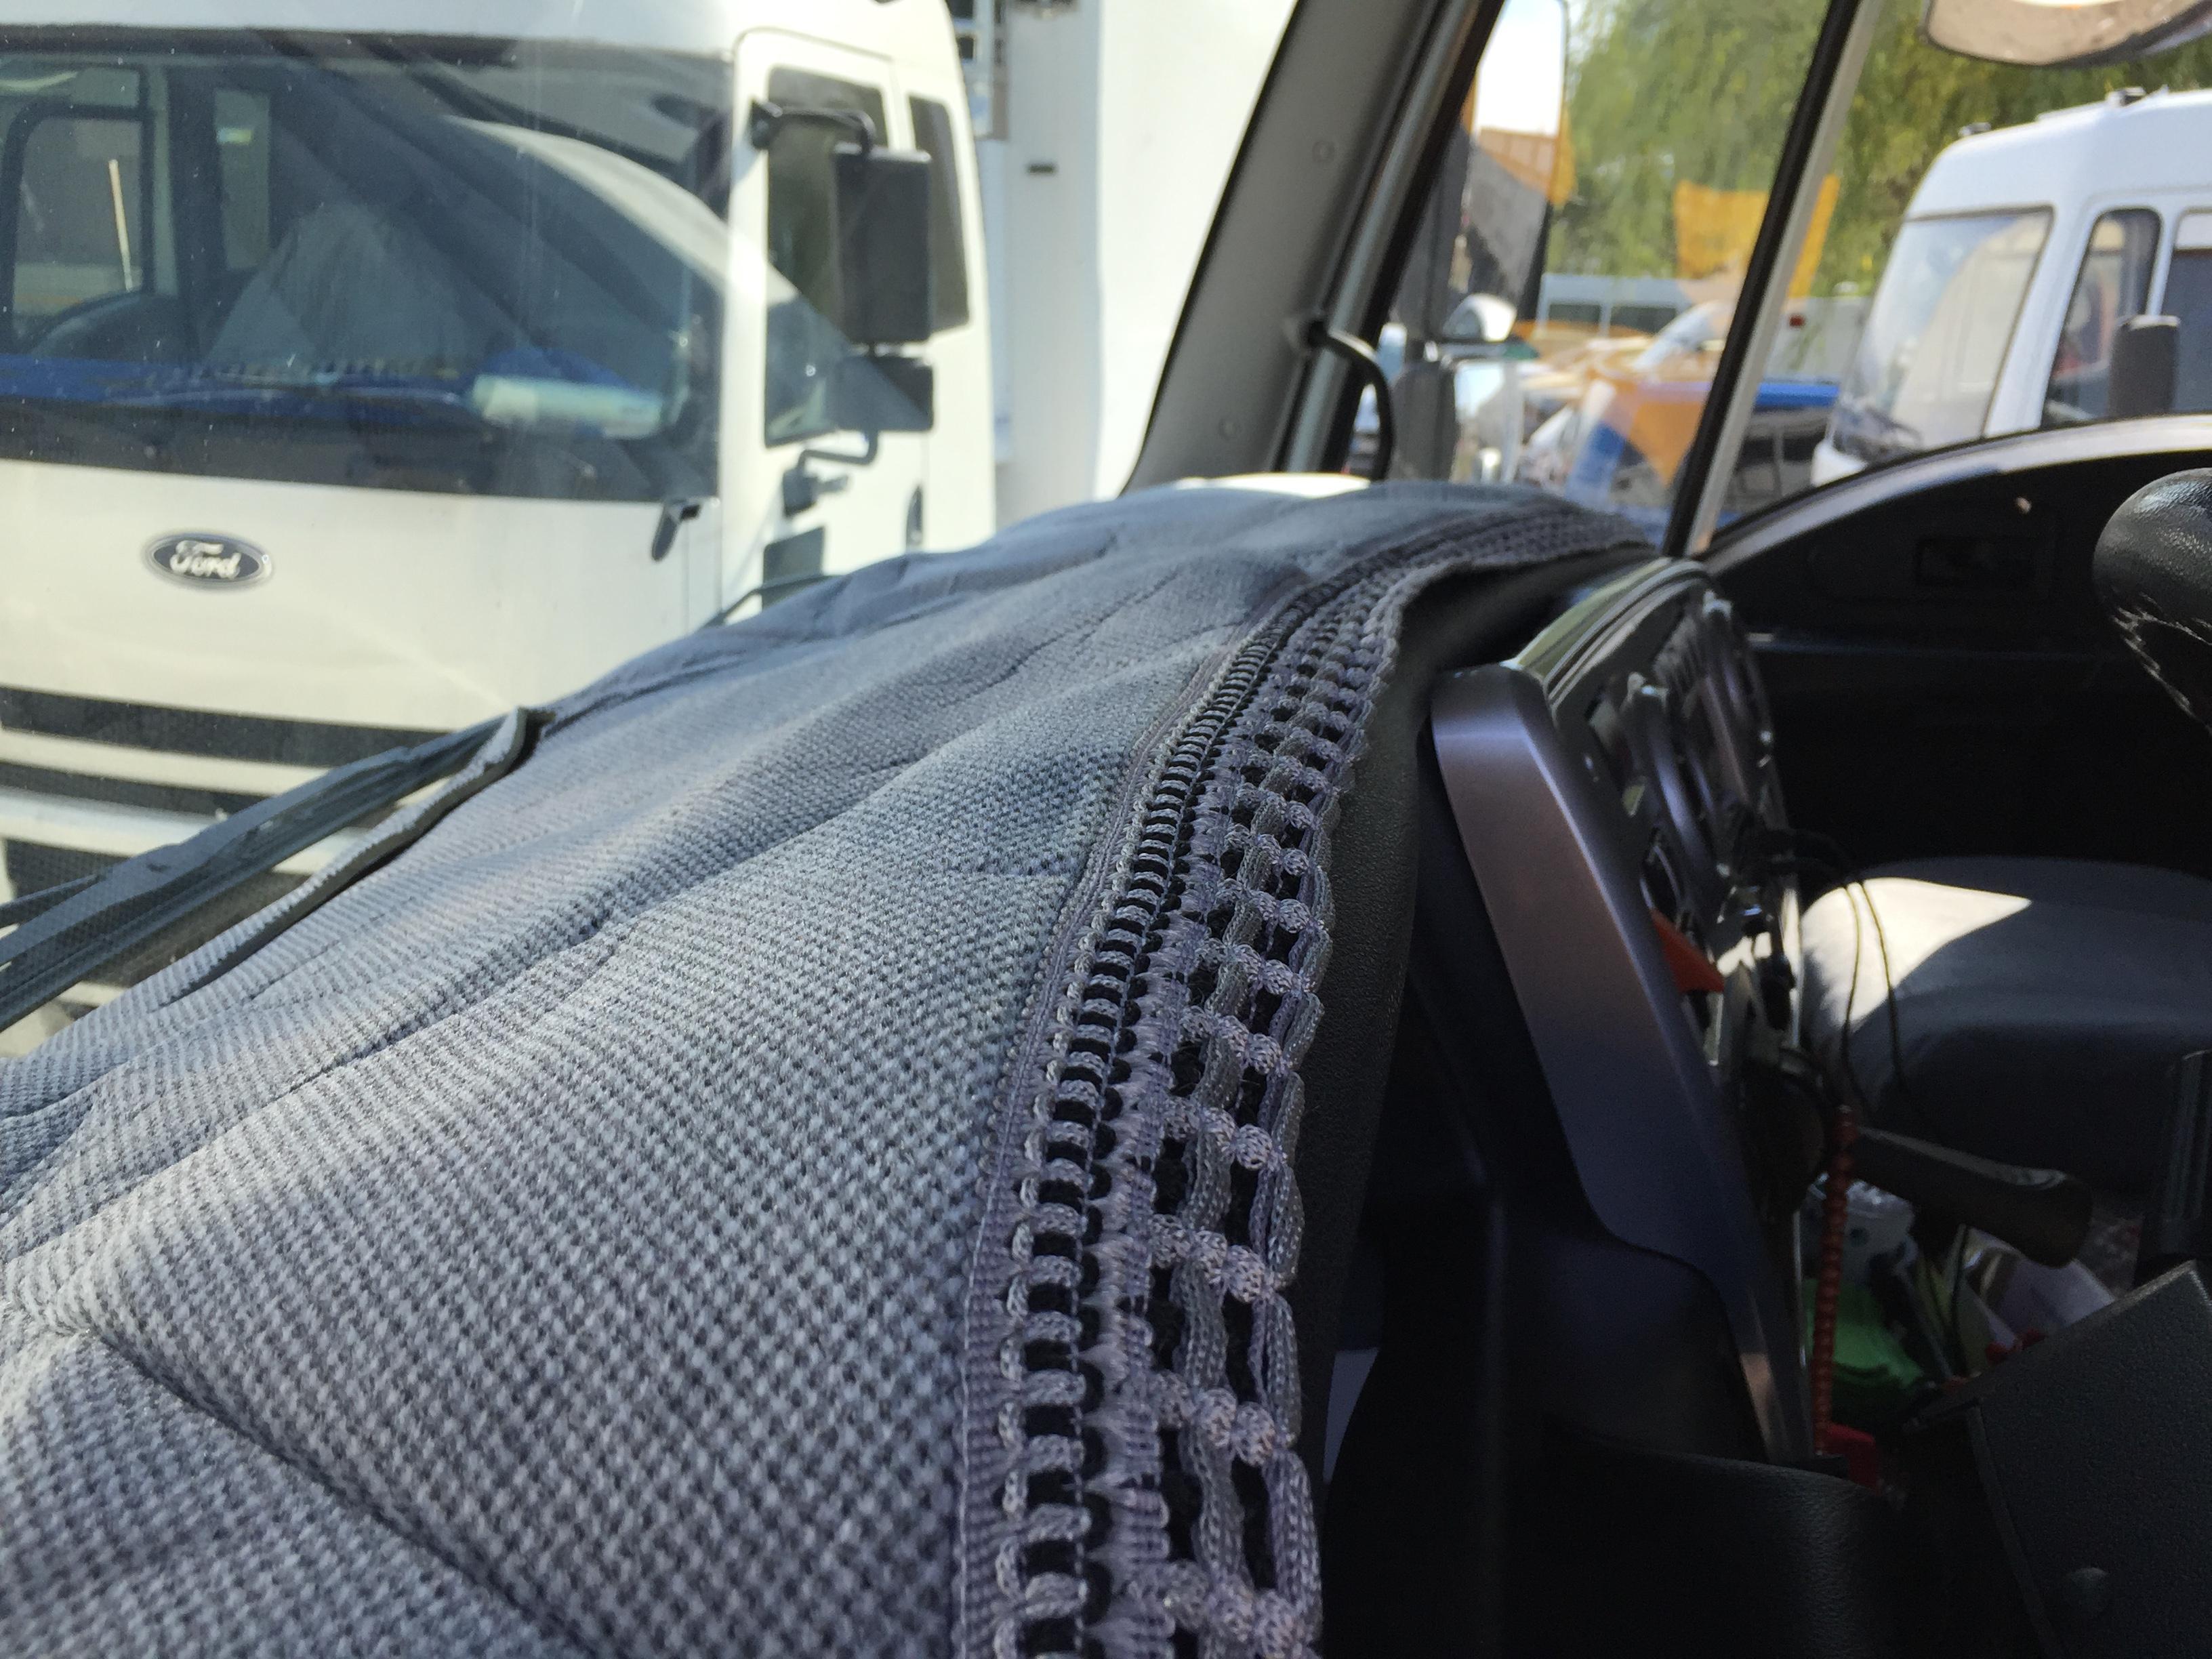 Ford cargo gri kılıf